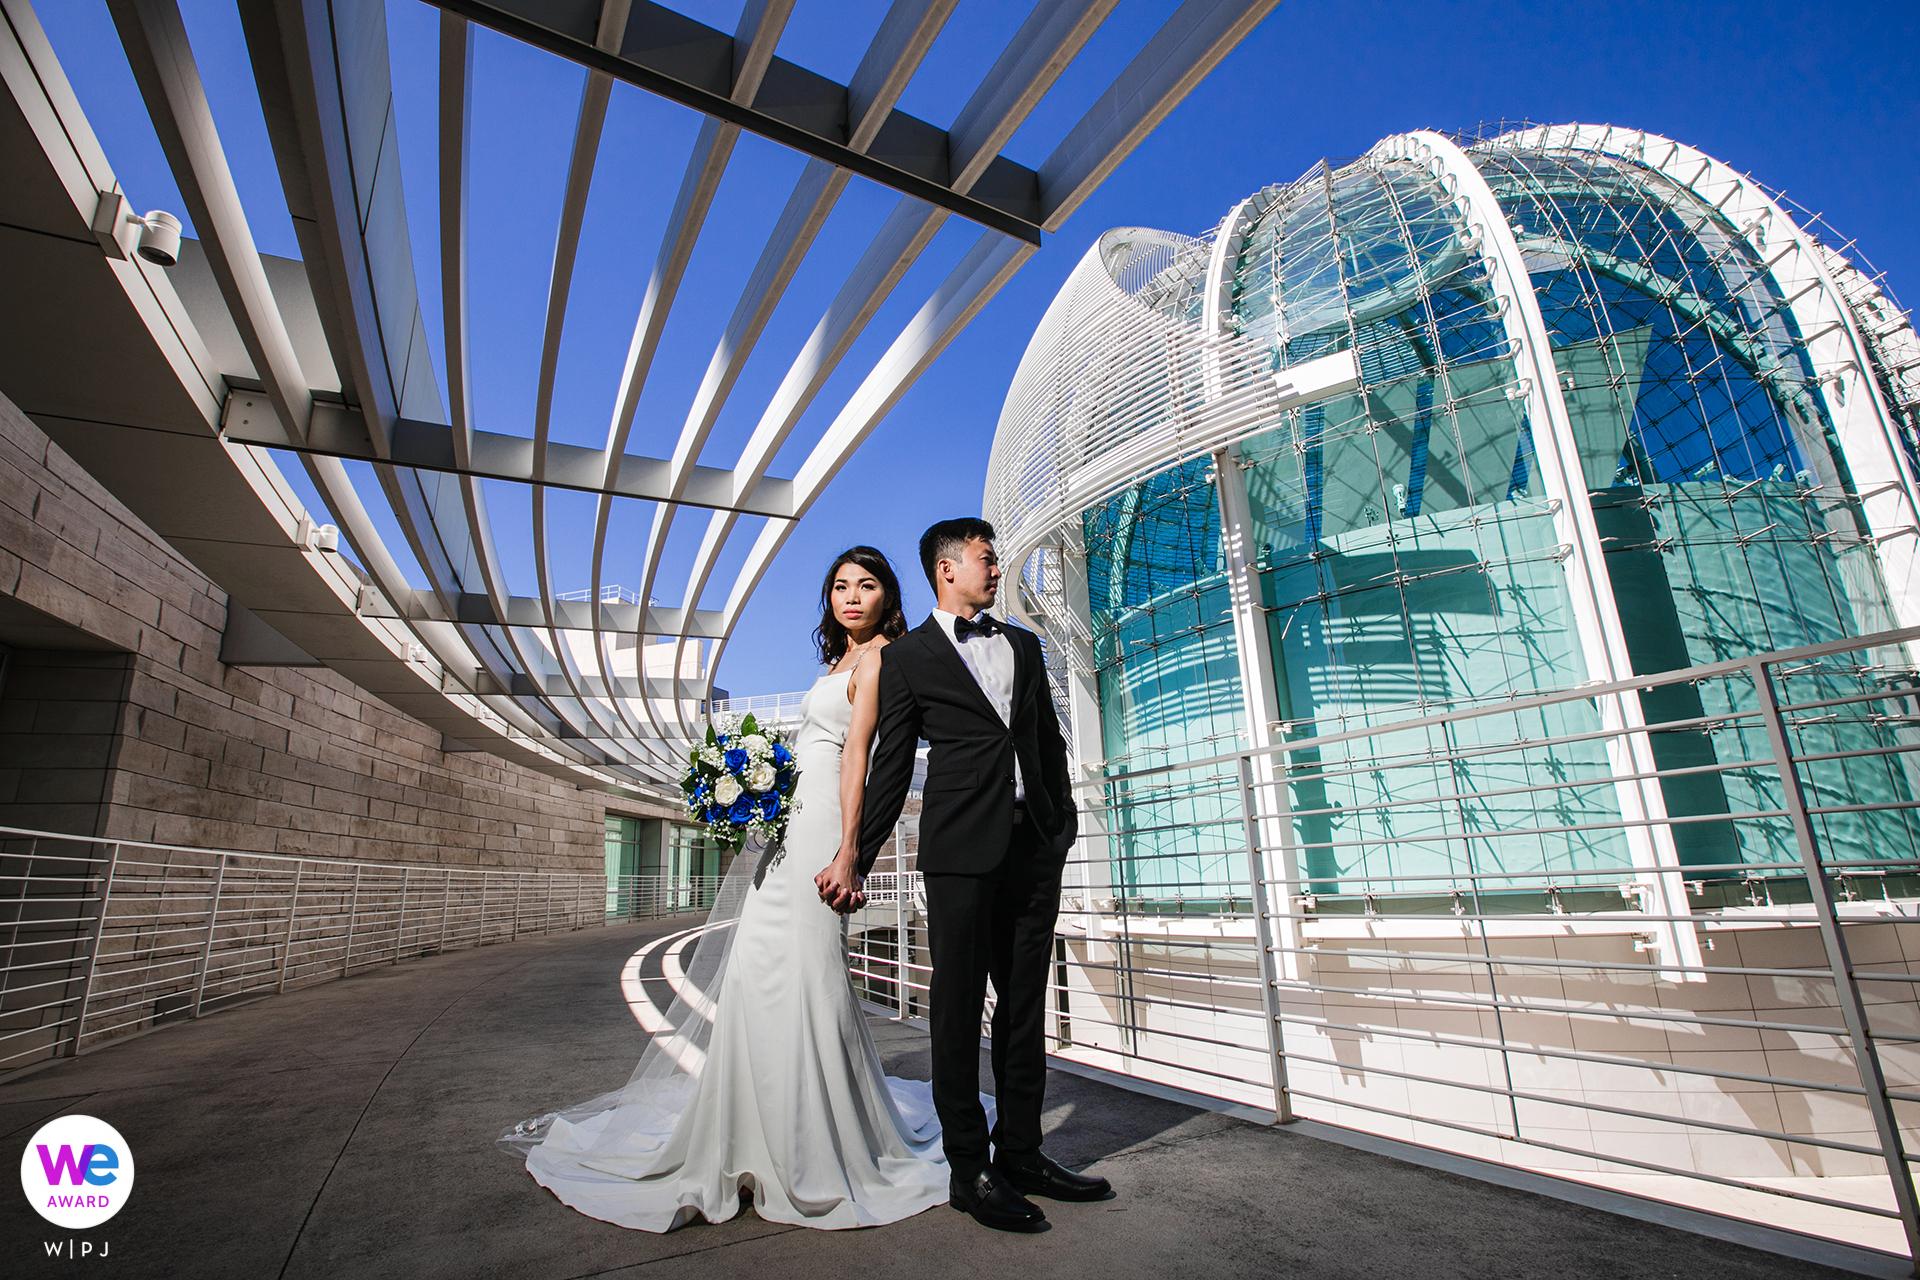 San Jose City Hall Elopement Portrait Photographer | Couple portrait session outside